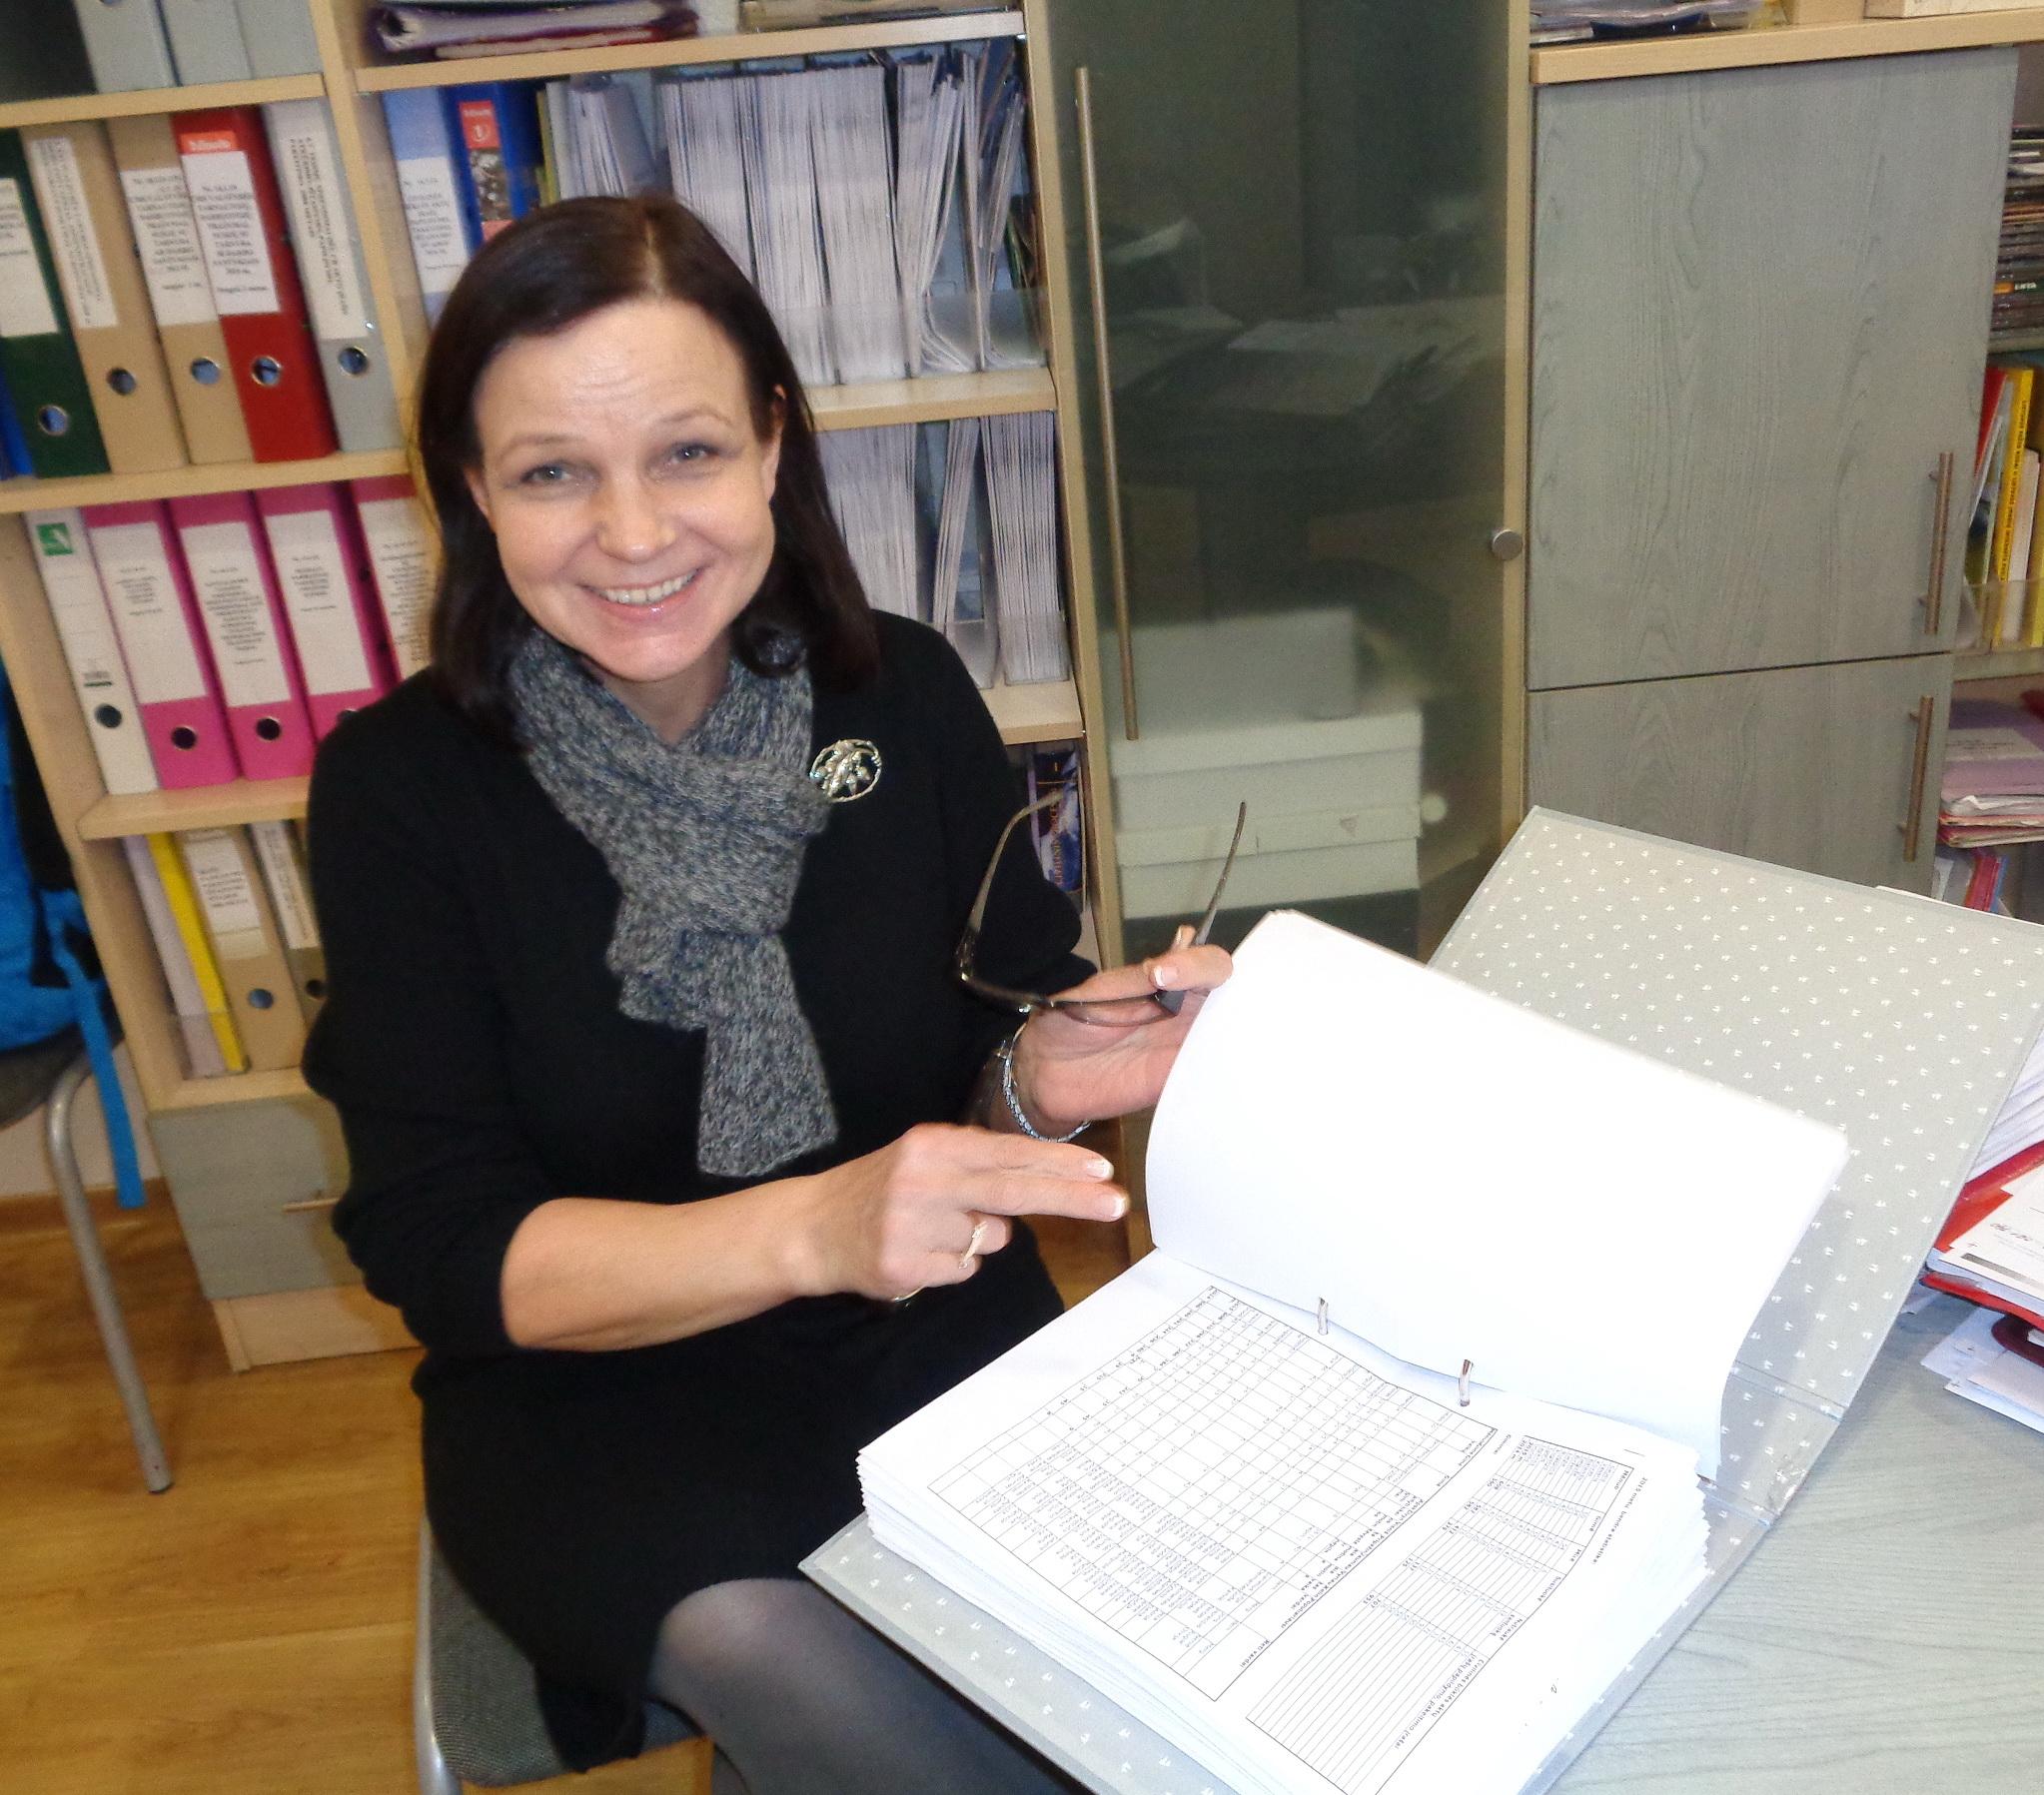 Civilinės metrikacijos skyriaus vedėja Lilija Valaitienė teigia, kad emigracija keičia skyriaus veiklą, o naujas įstatymas atveria duris elektroniniams dokumentams. Stasės Skutulienės nuotr.